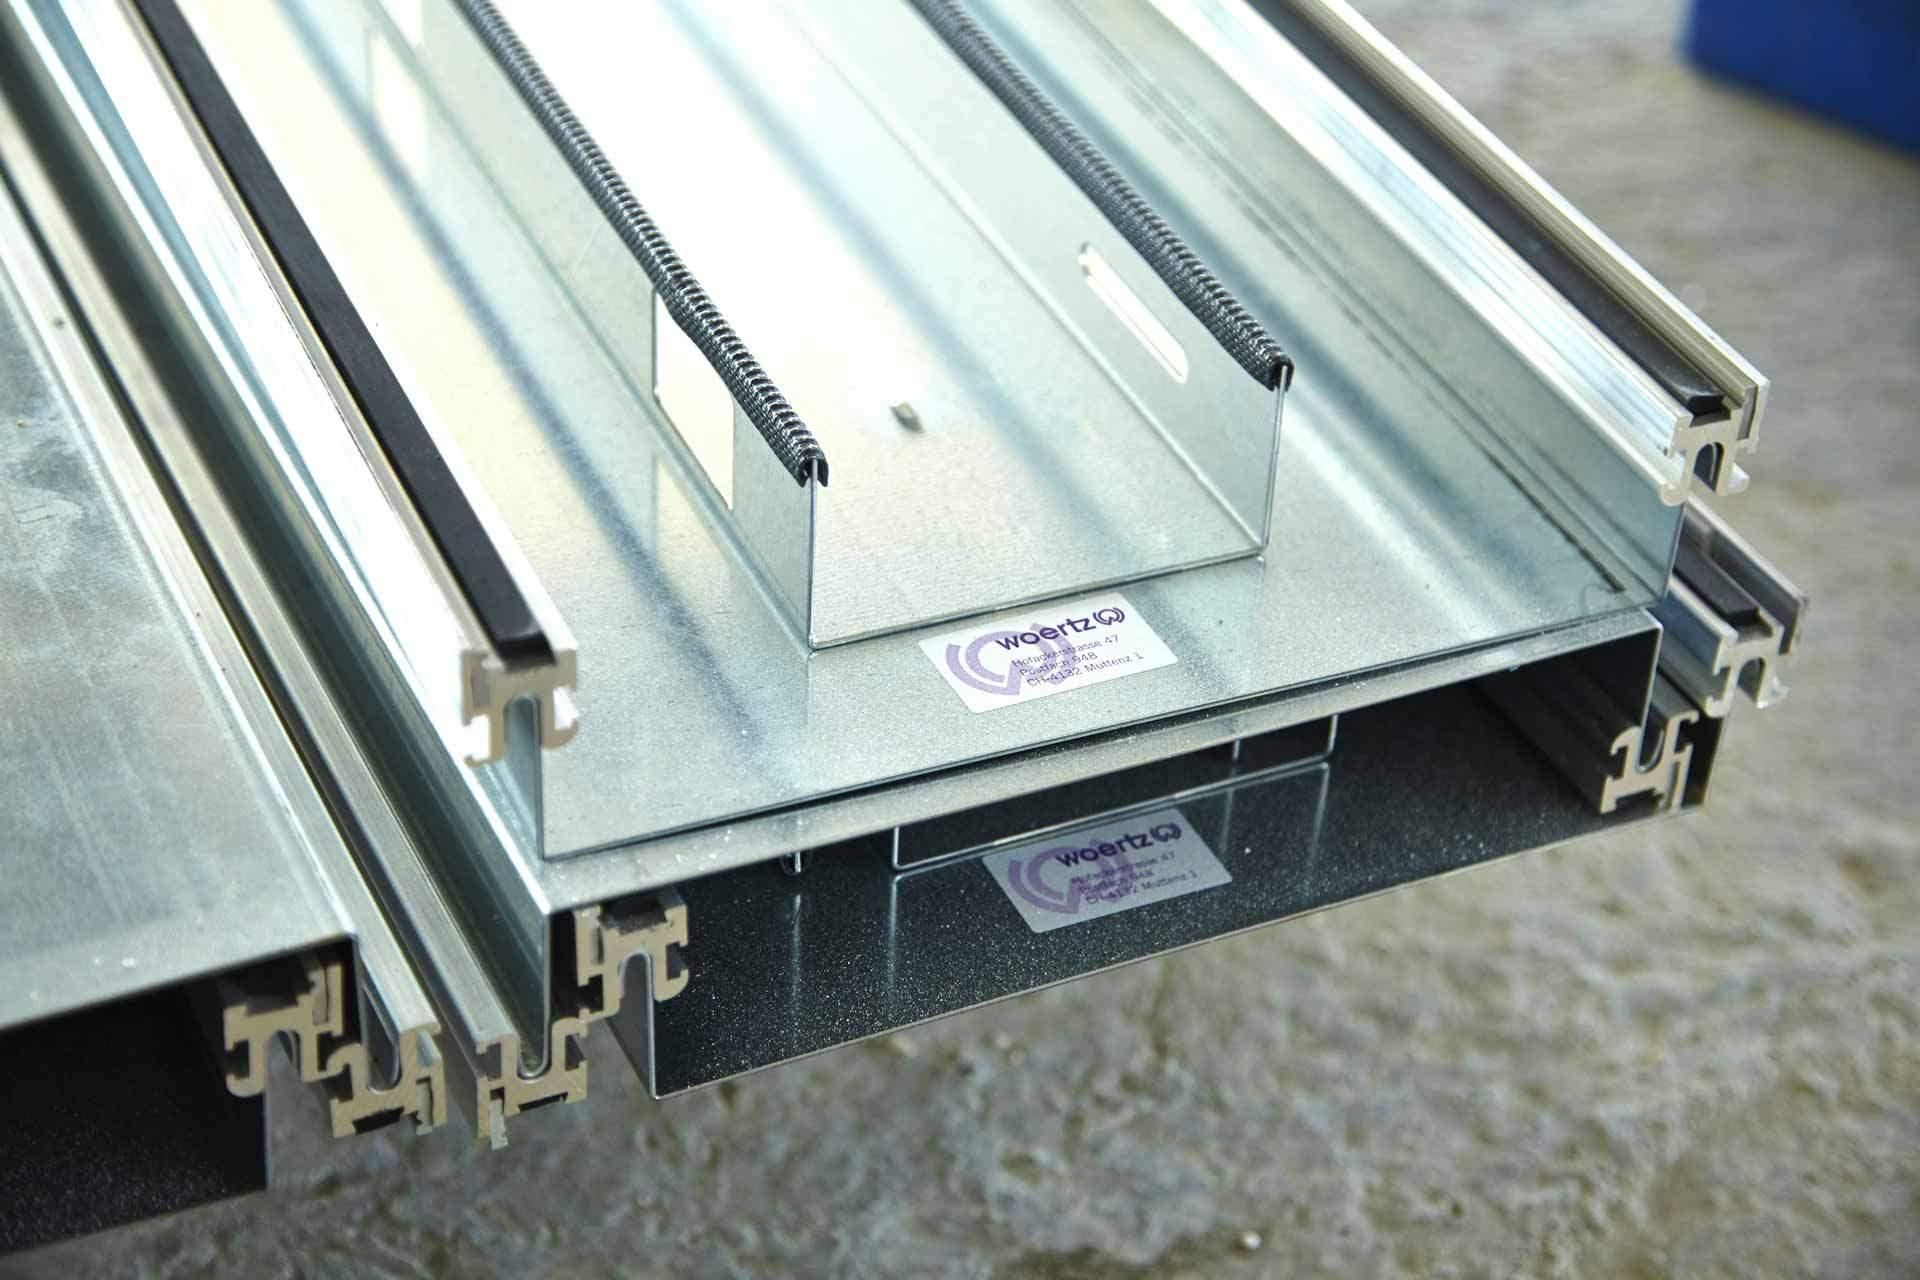 componenti per impianti canalizzati sotto pavimento woertz